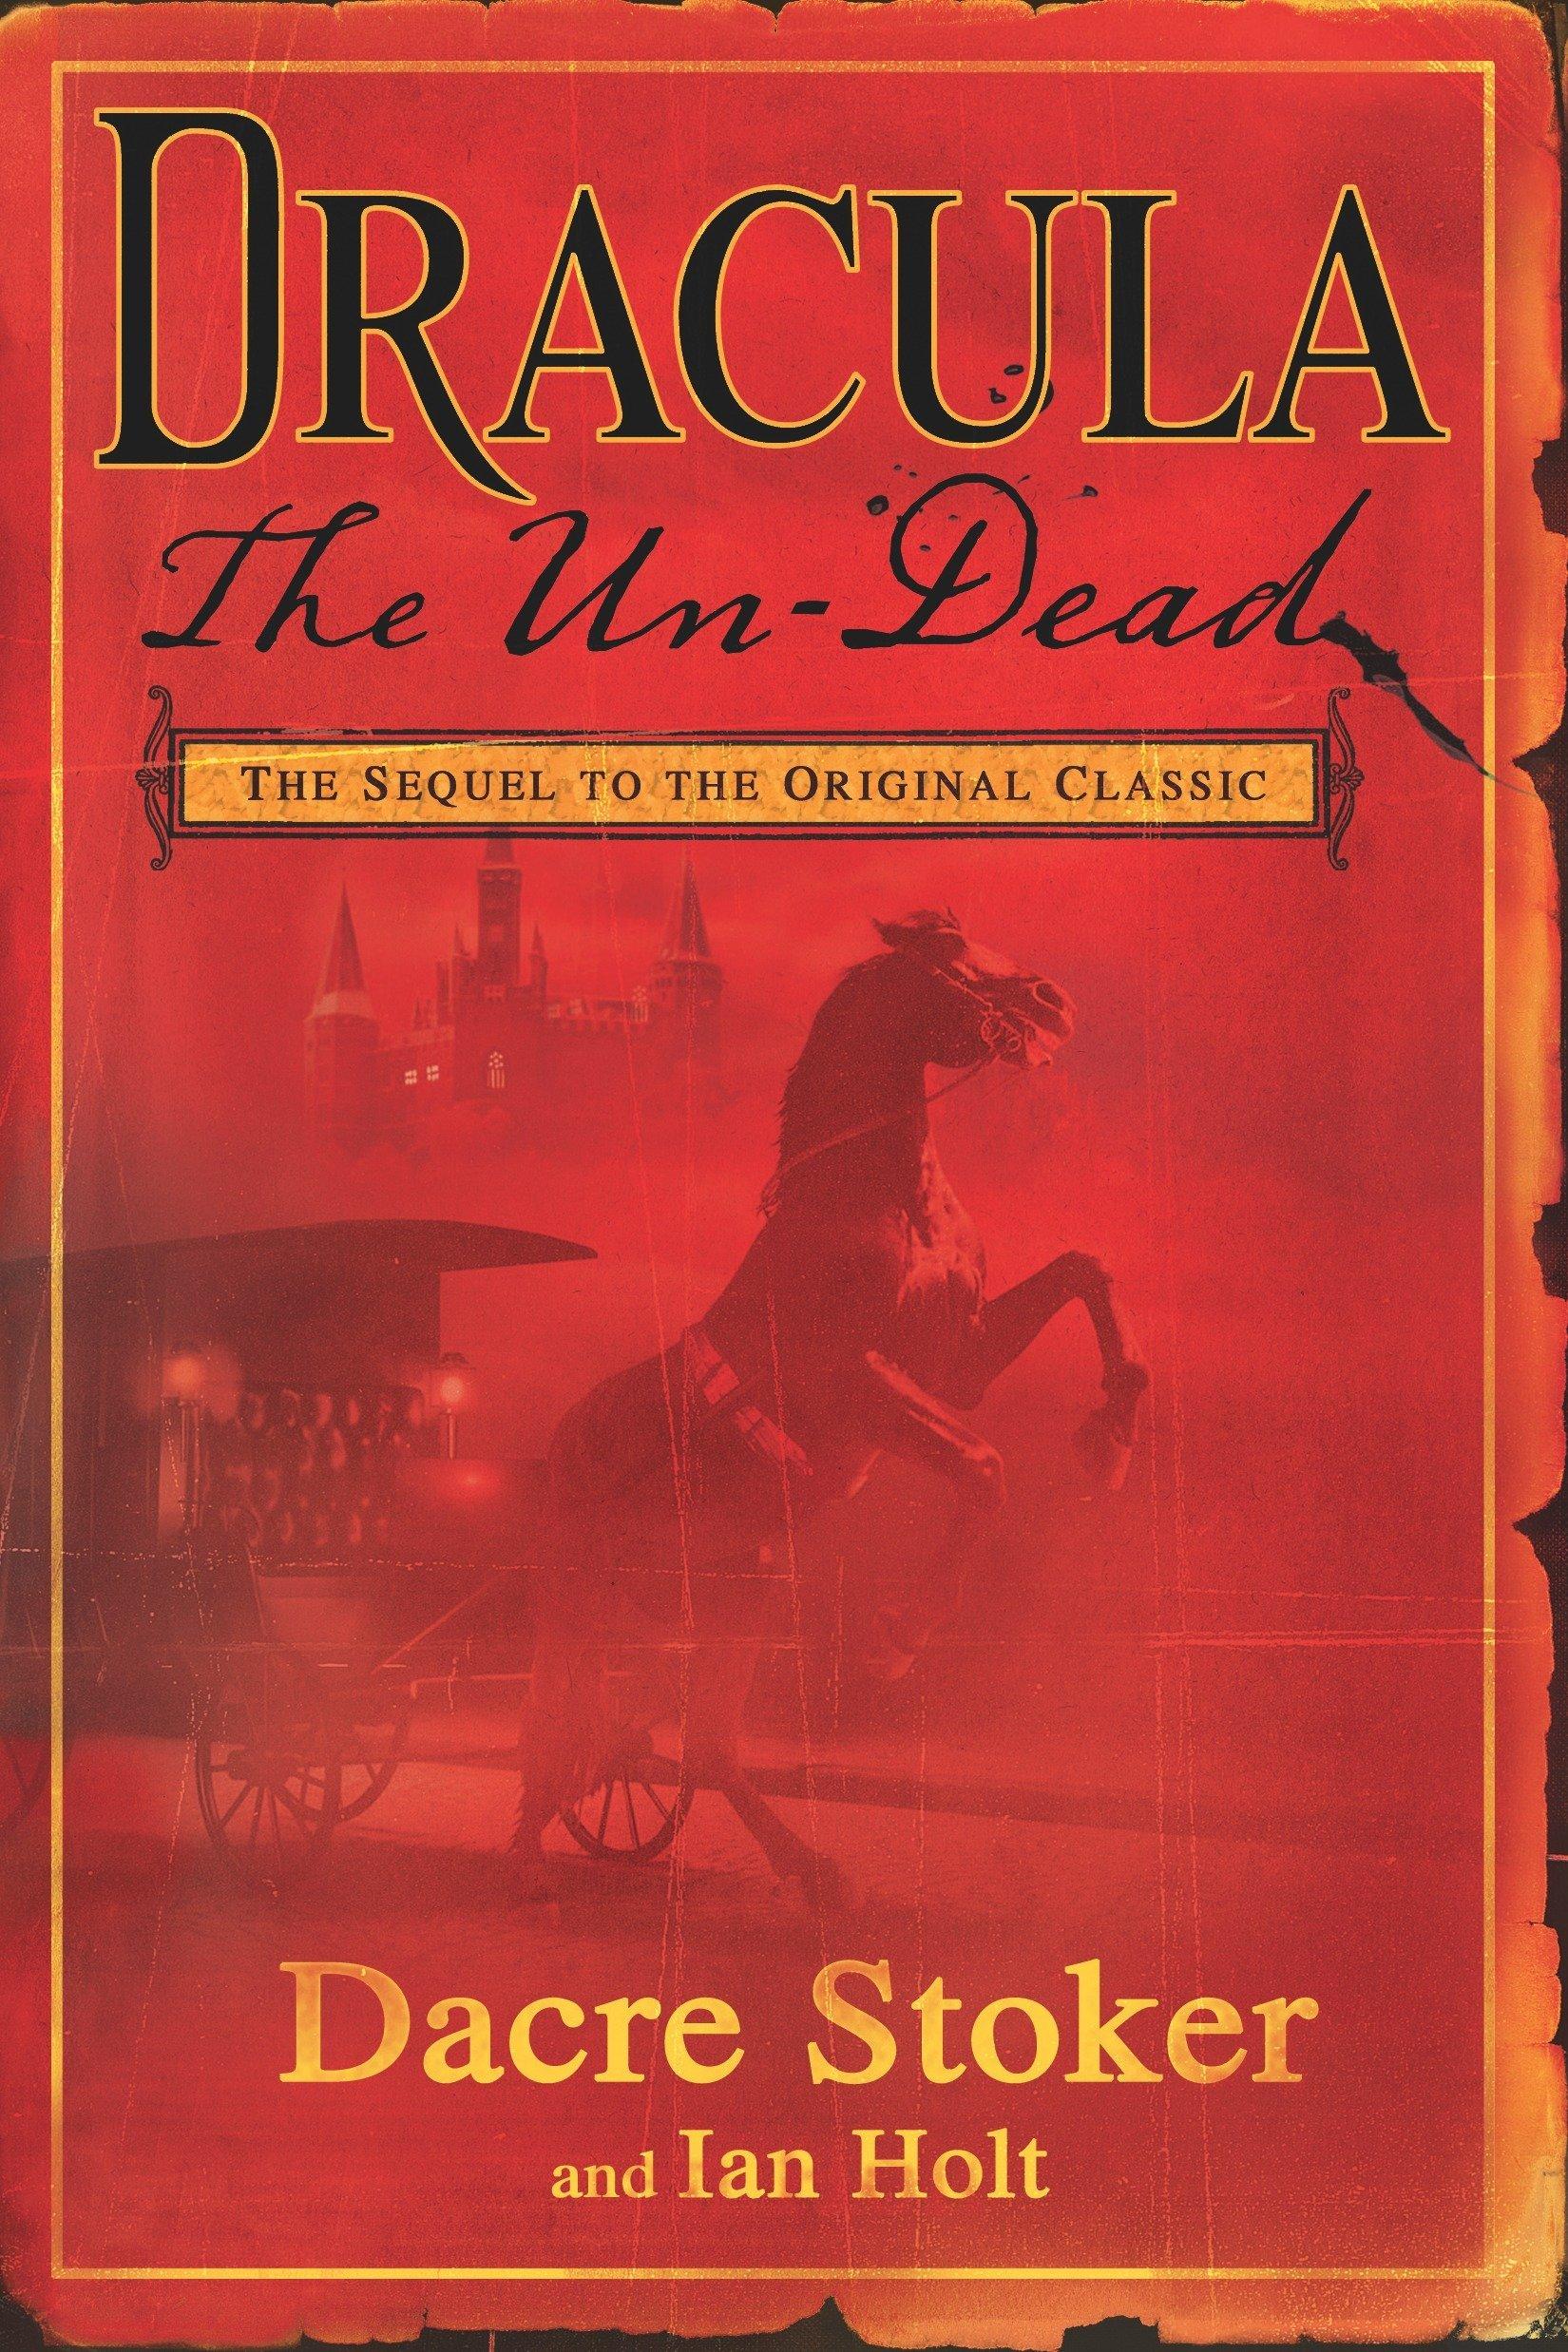 dracula-the-undead.jpg